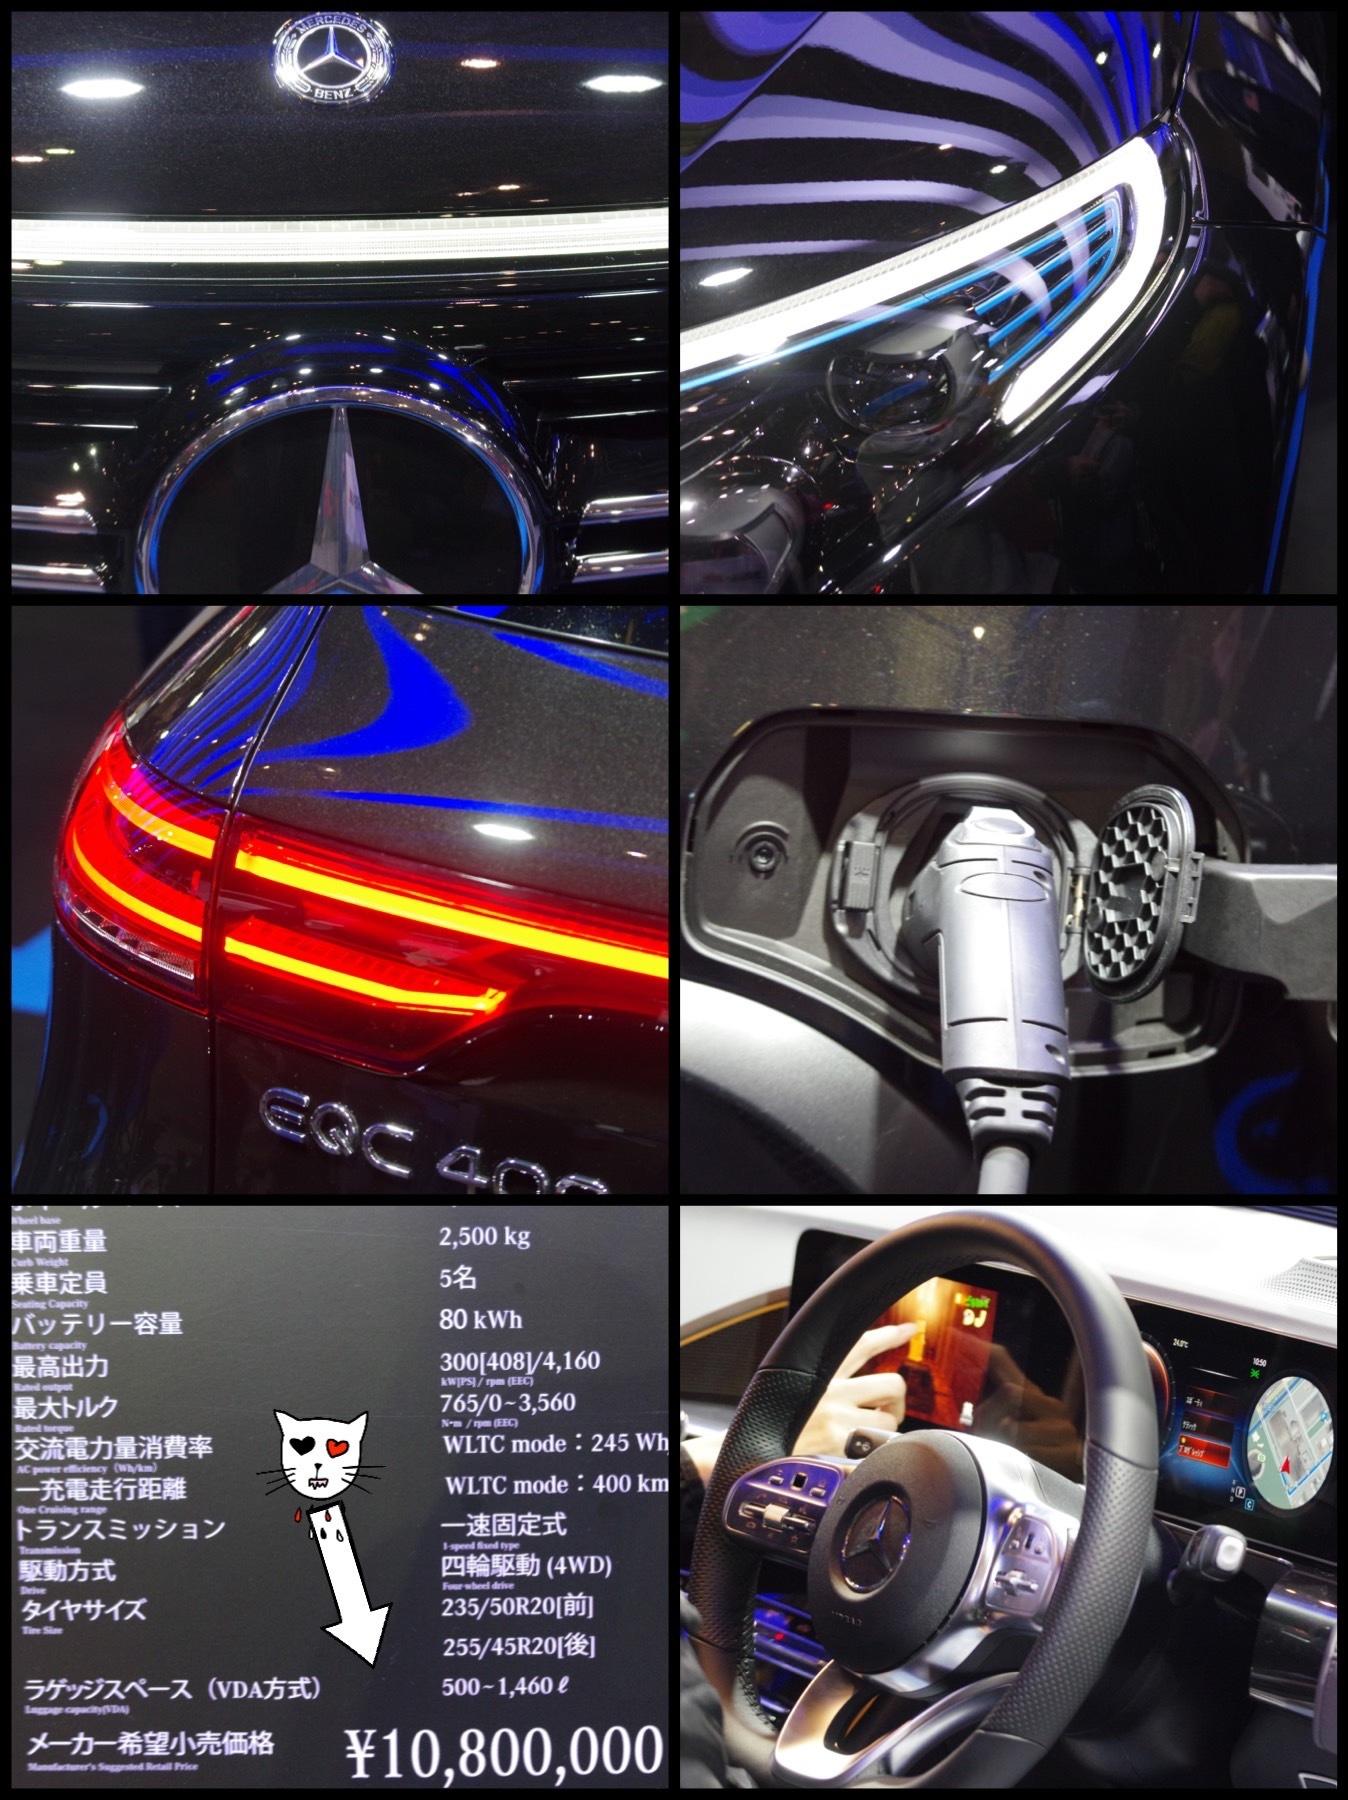 東京オートサロン2020 メルセデス EQC EQ400 4matic